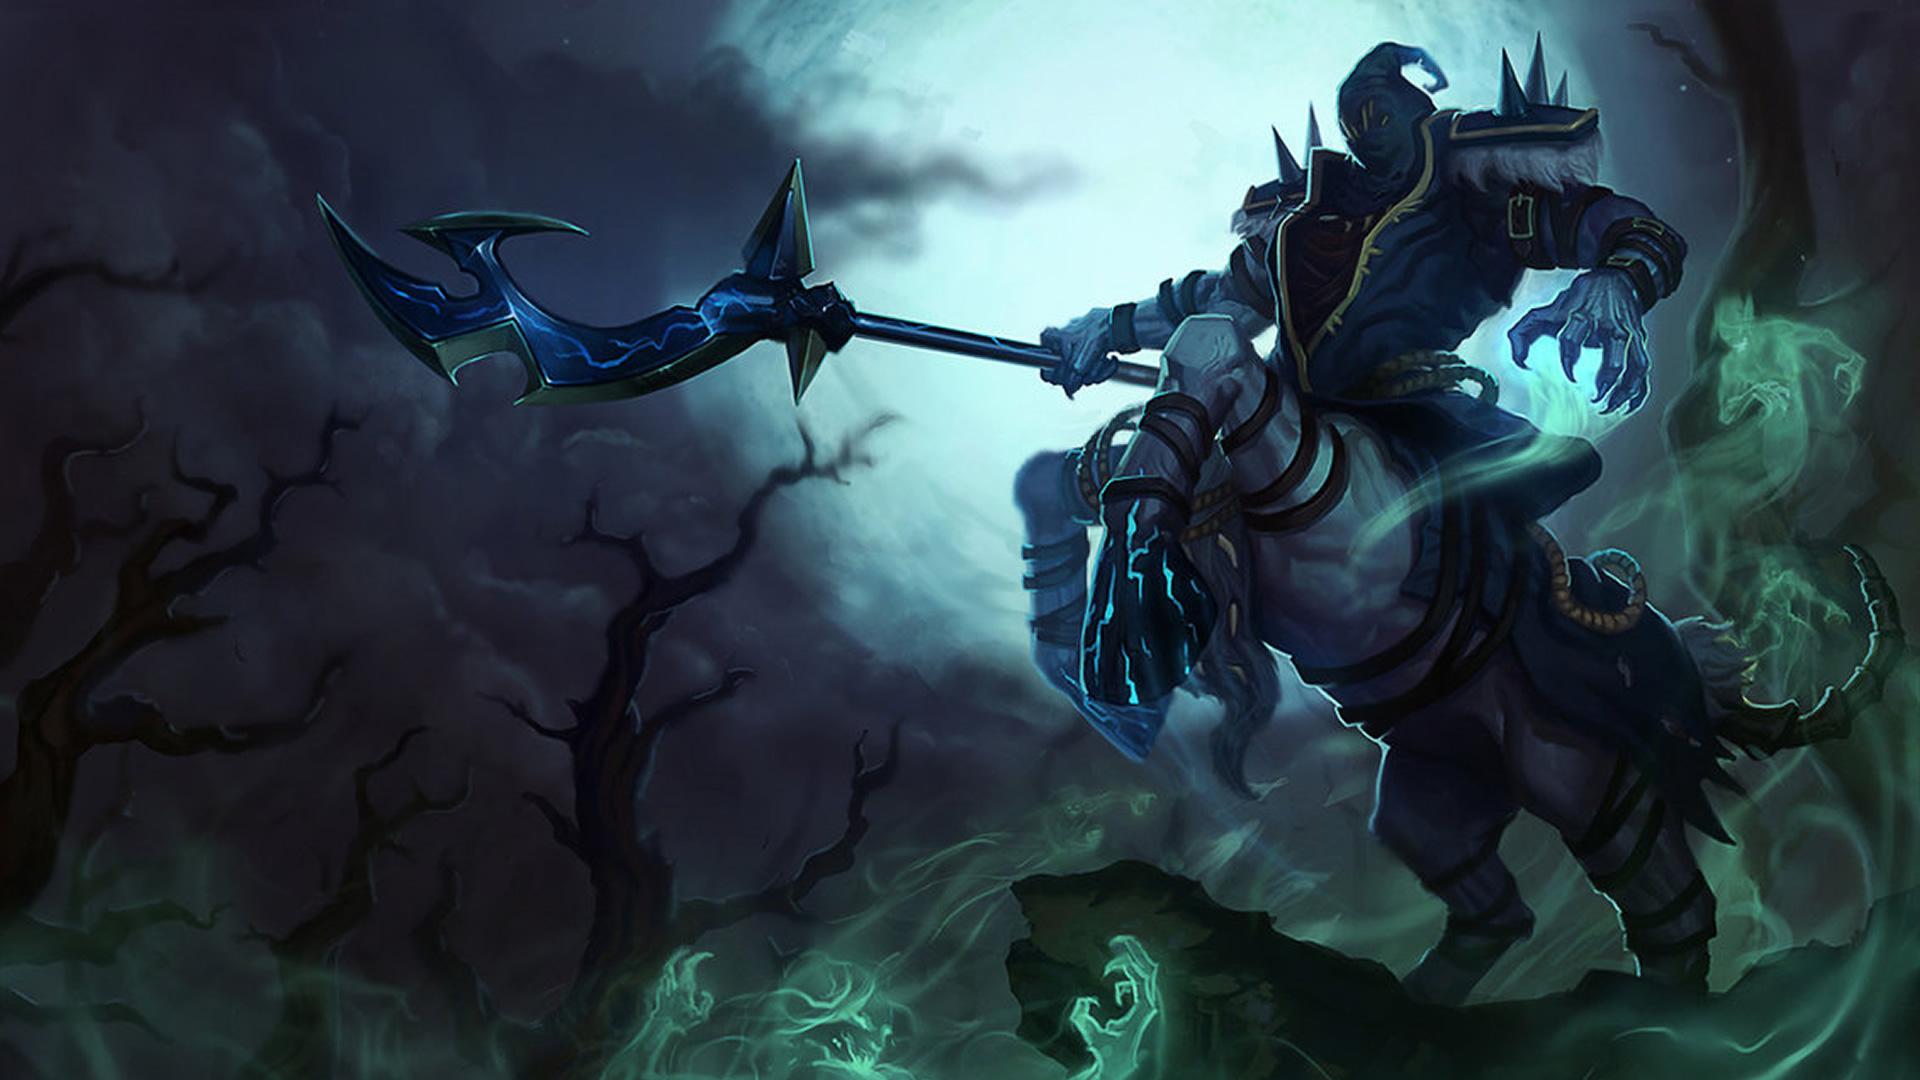 Reaper Hecarim wallpaper